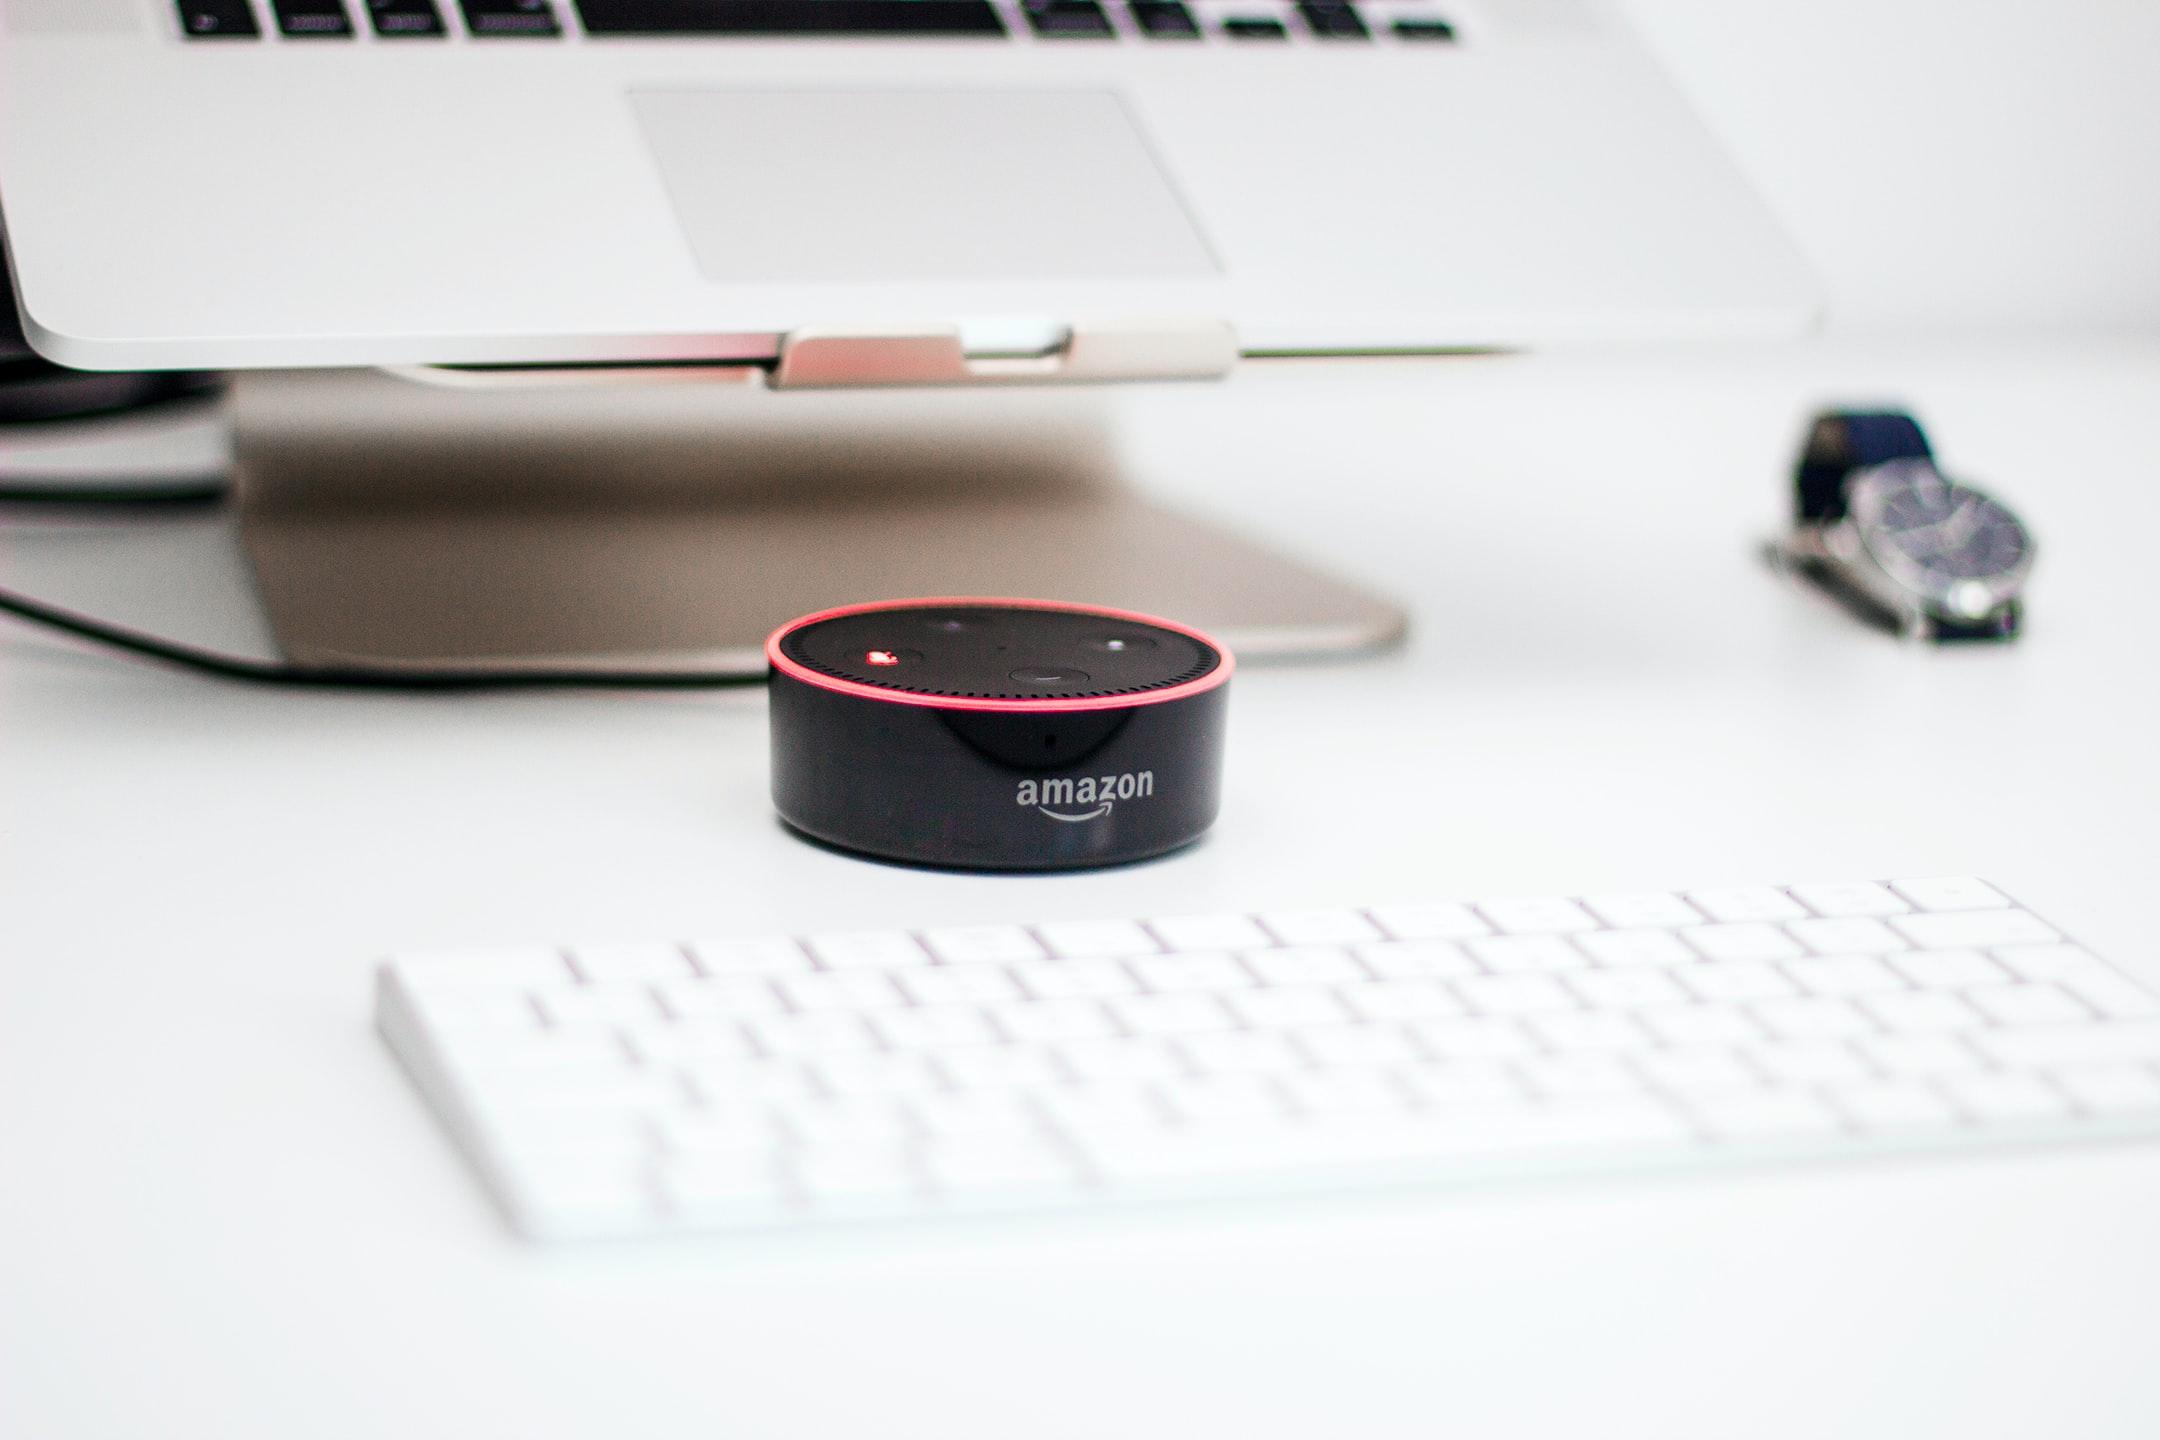 聴き放題コンテンツやラインナップはアマゾンオーディオブック(AmazonAudiobook)オーディブル(Audible)で無料で聴けるAudible Stationとは?